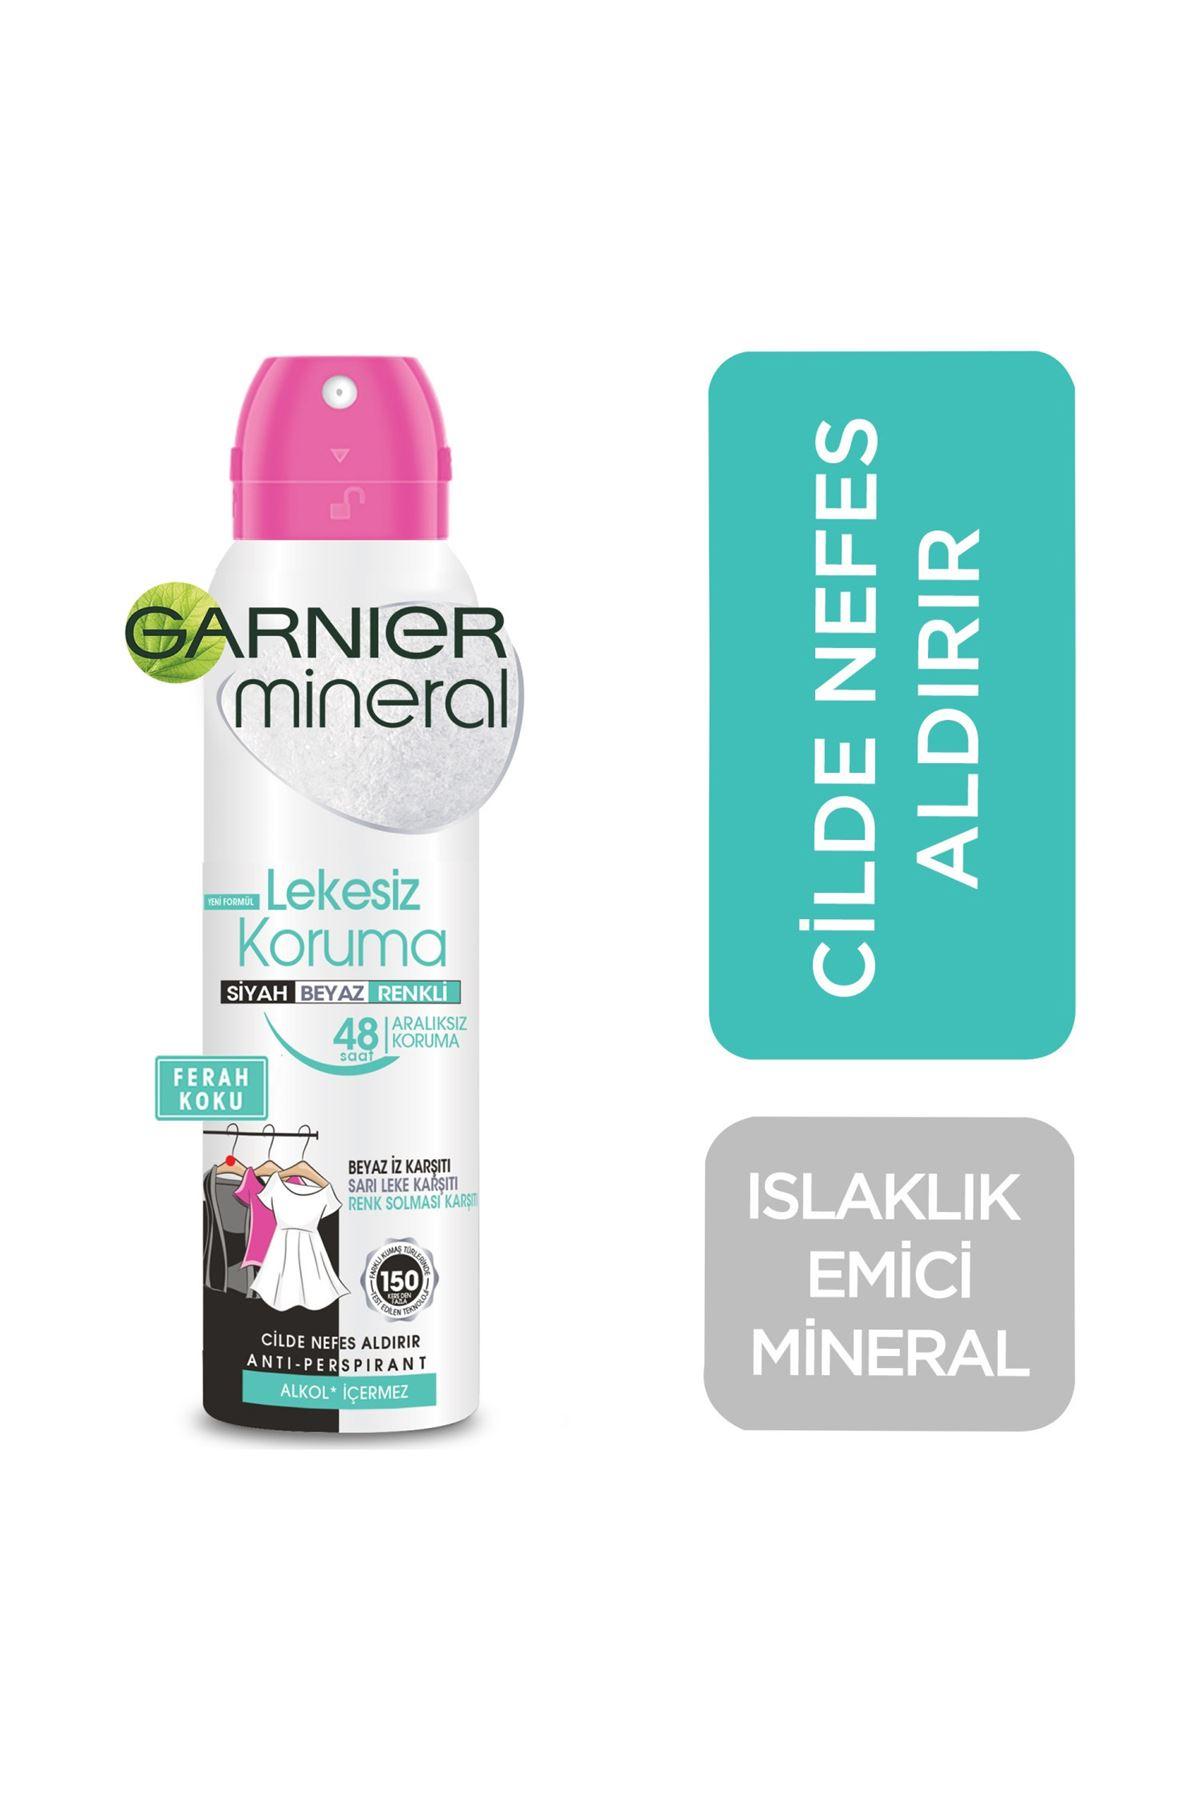 Garnier Mineral Deodorant Lekesiz Koruma 150 Ml